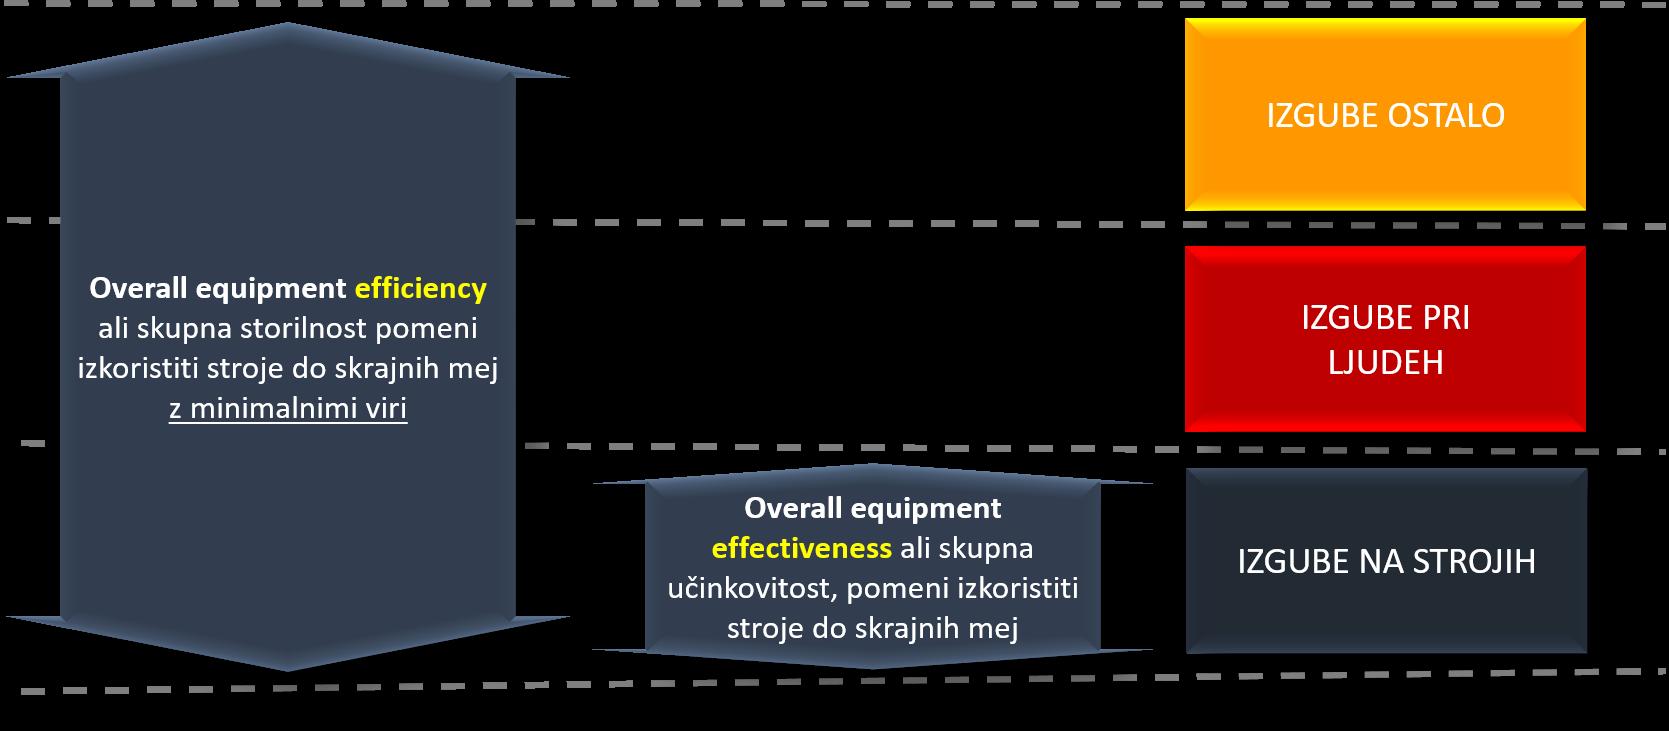 Primerjava med učinkovitostjo in storilnostjo in tri glavna področja izgub